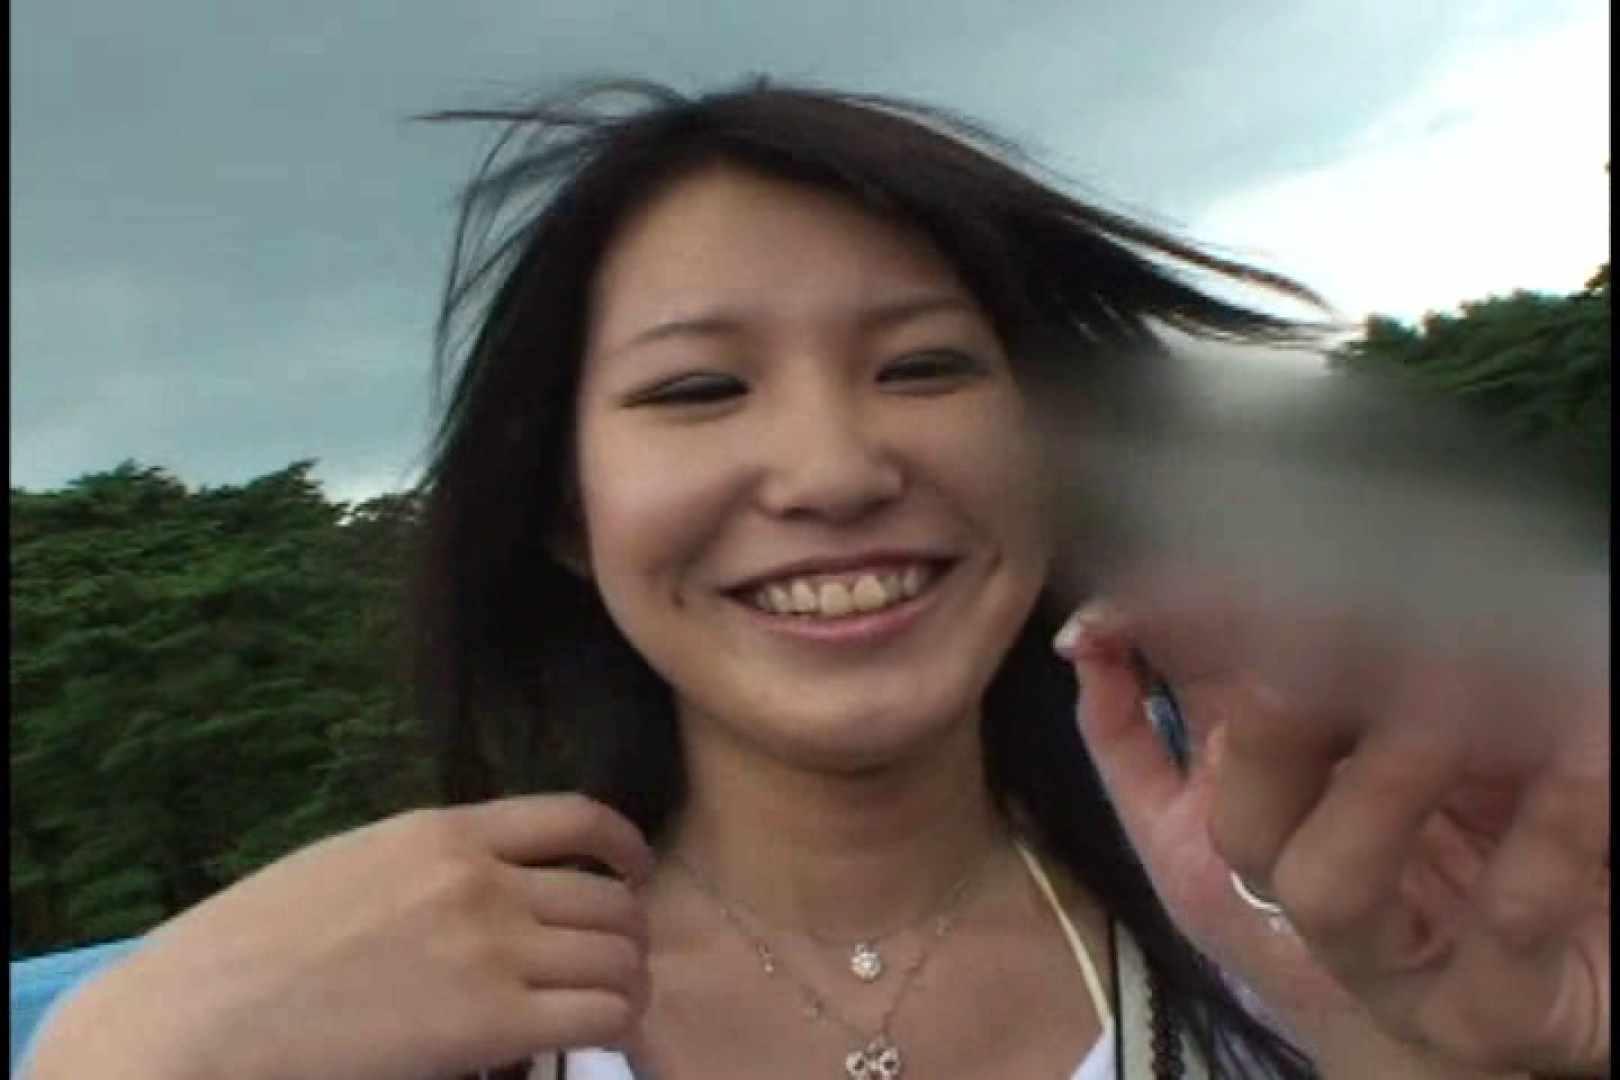 JDハンター全国ツアー vol.028 前編 Hな女子大生   HなOL  102pic 34